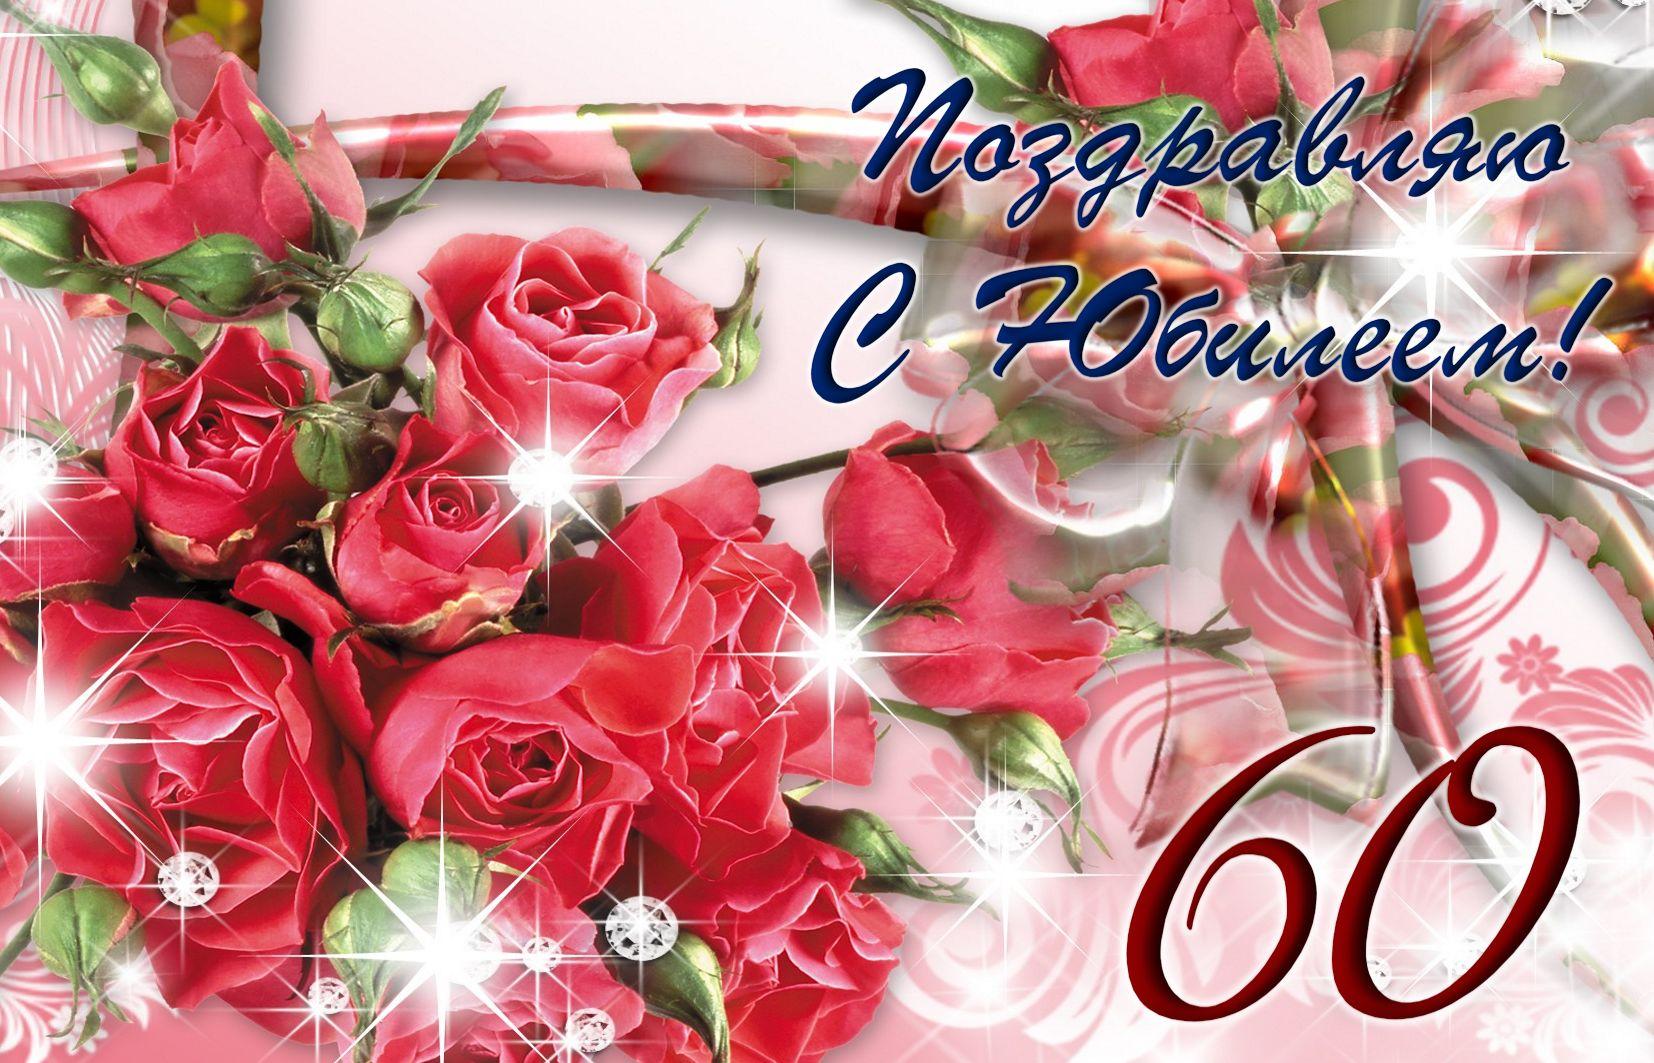 Открытка на юбилей 60 лет - красные розы в сверкающем оформлении